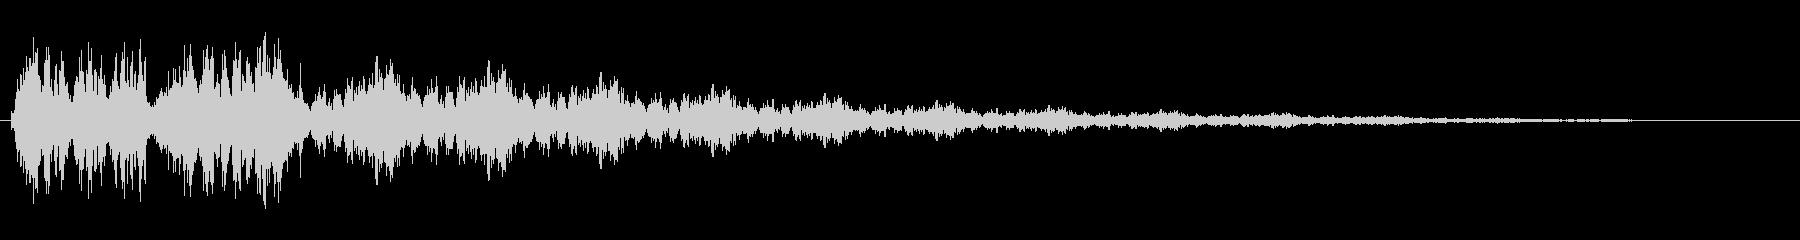 シュルル(ゲージアップ)の未再生の波形